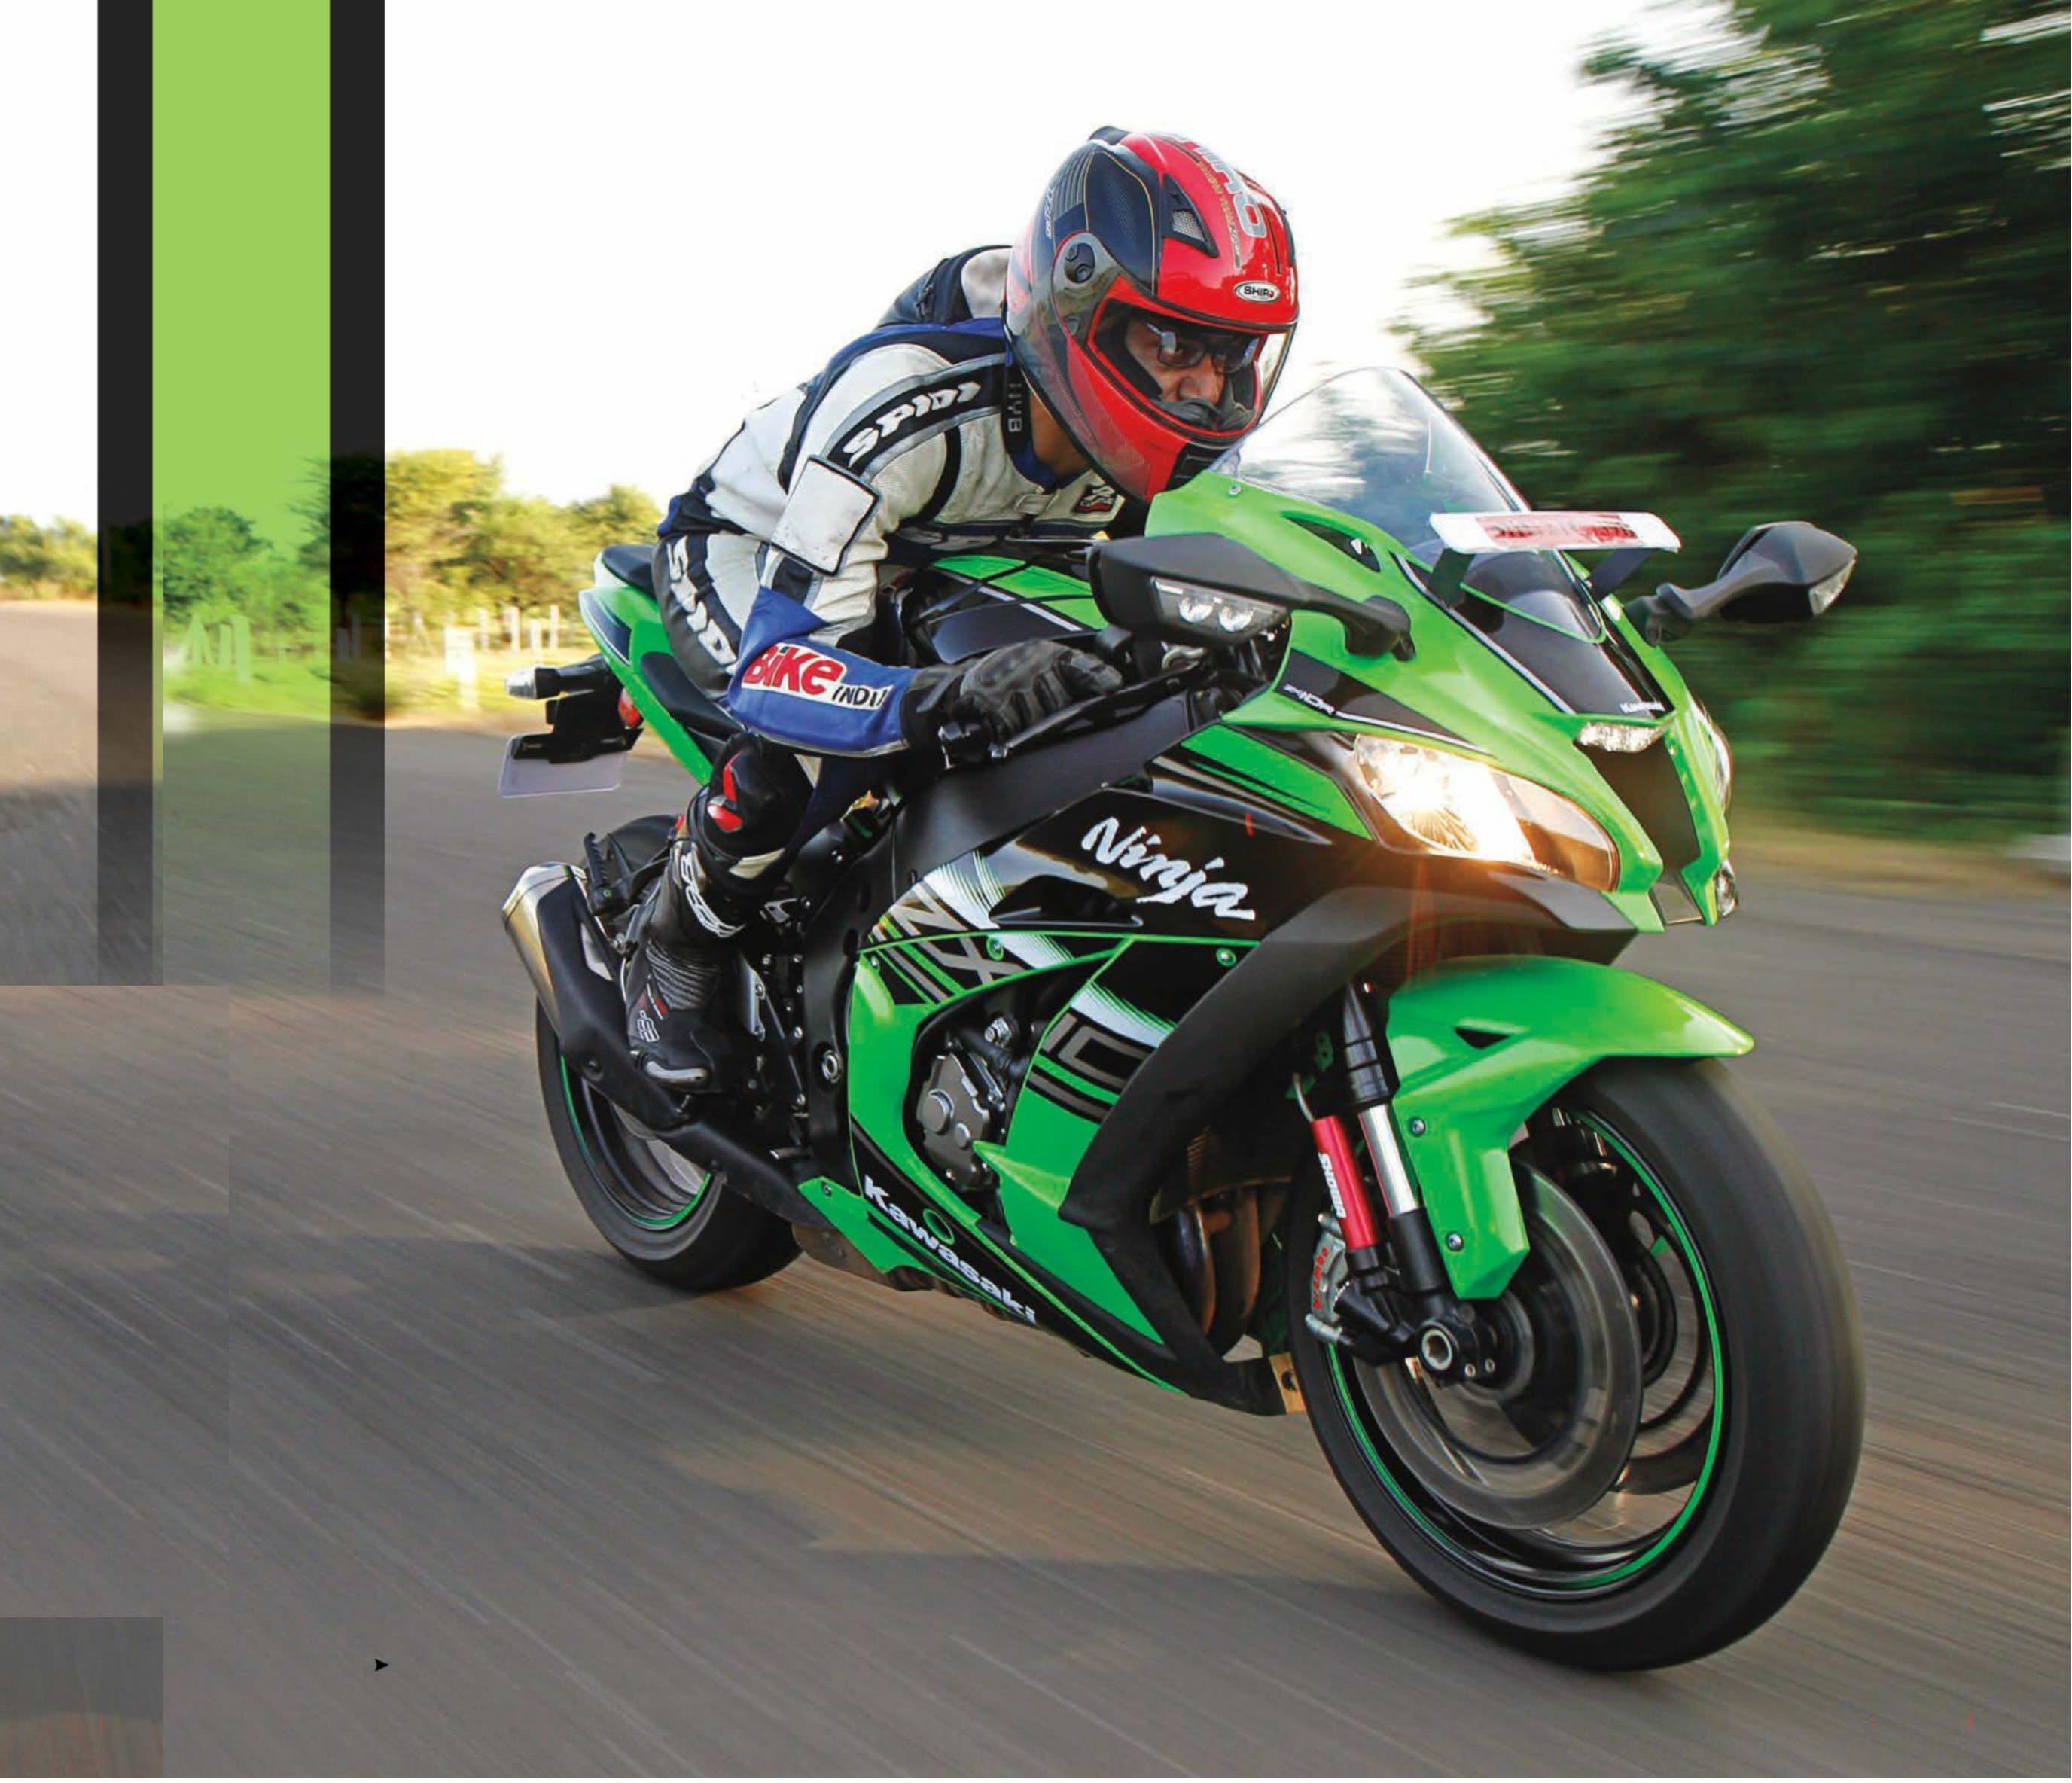 kawasaki ninja zx-10r race bike for the road